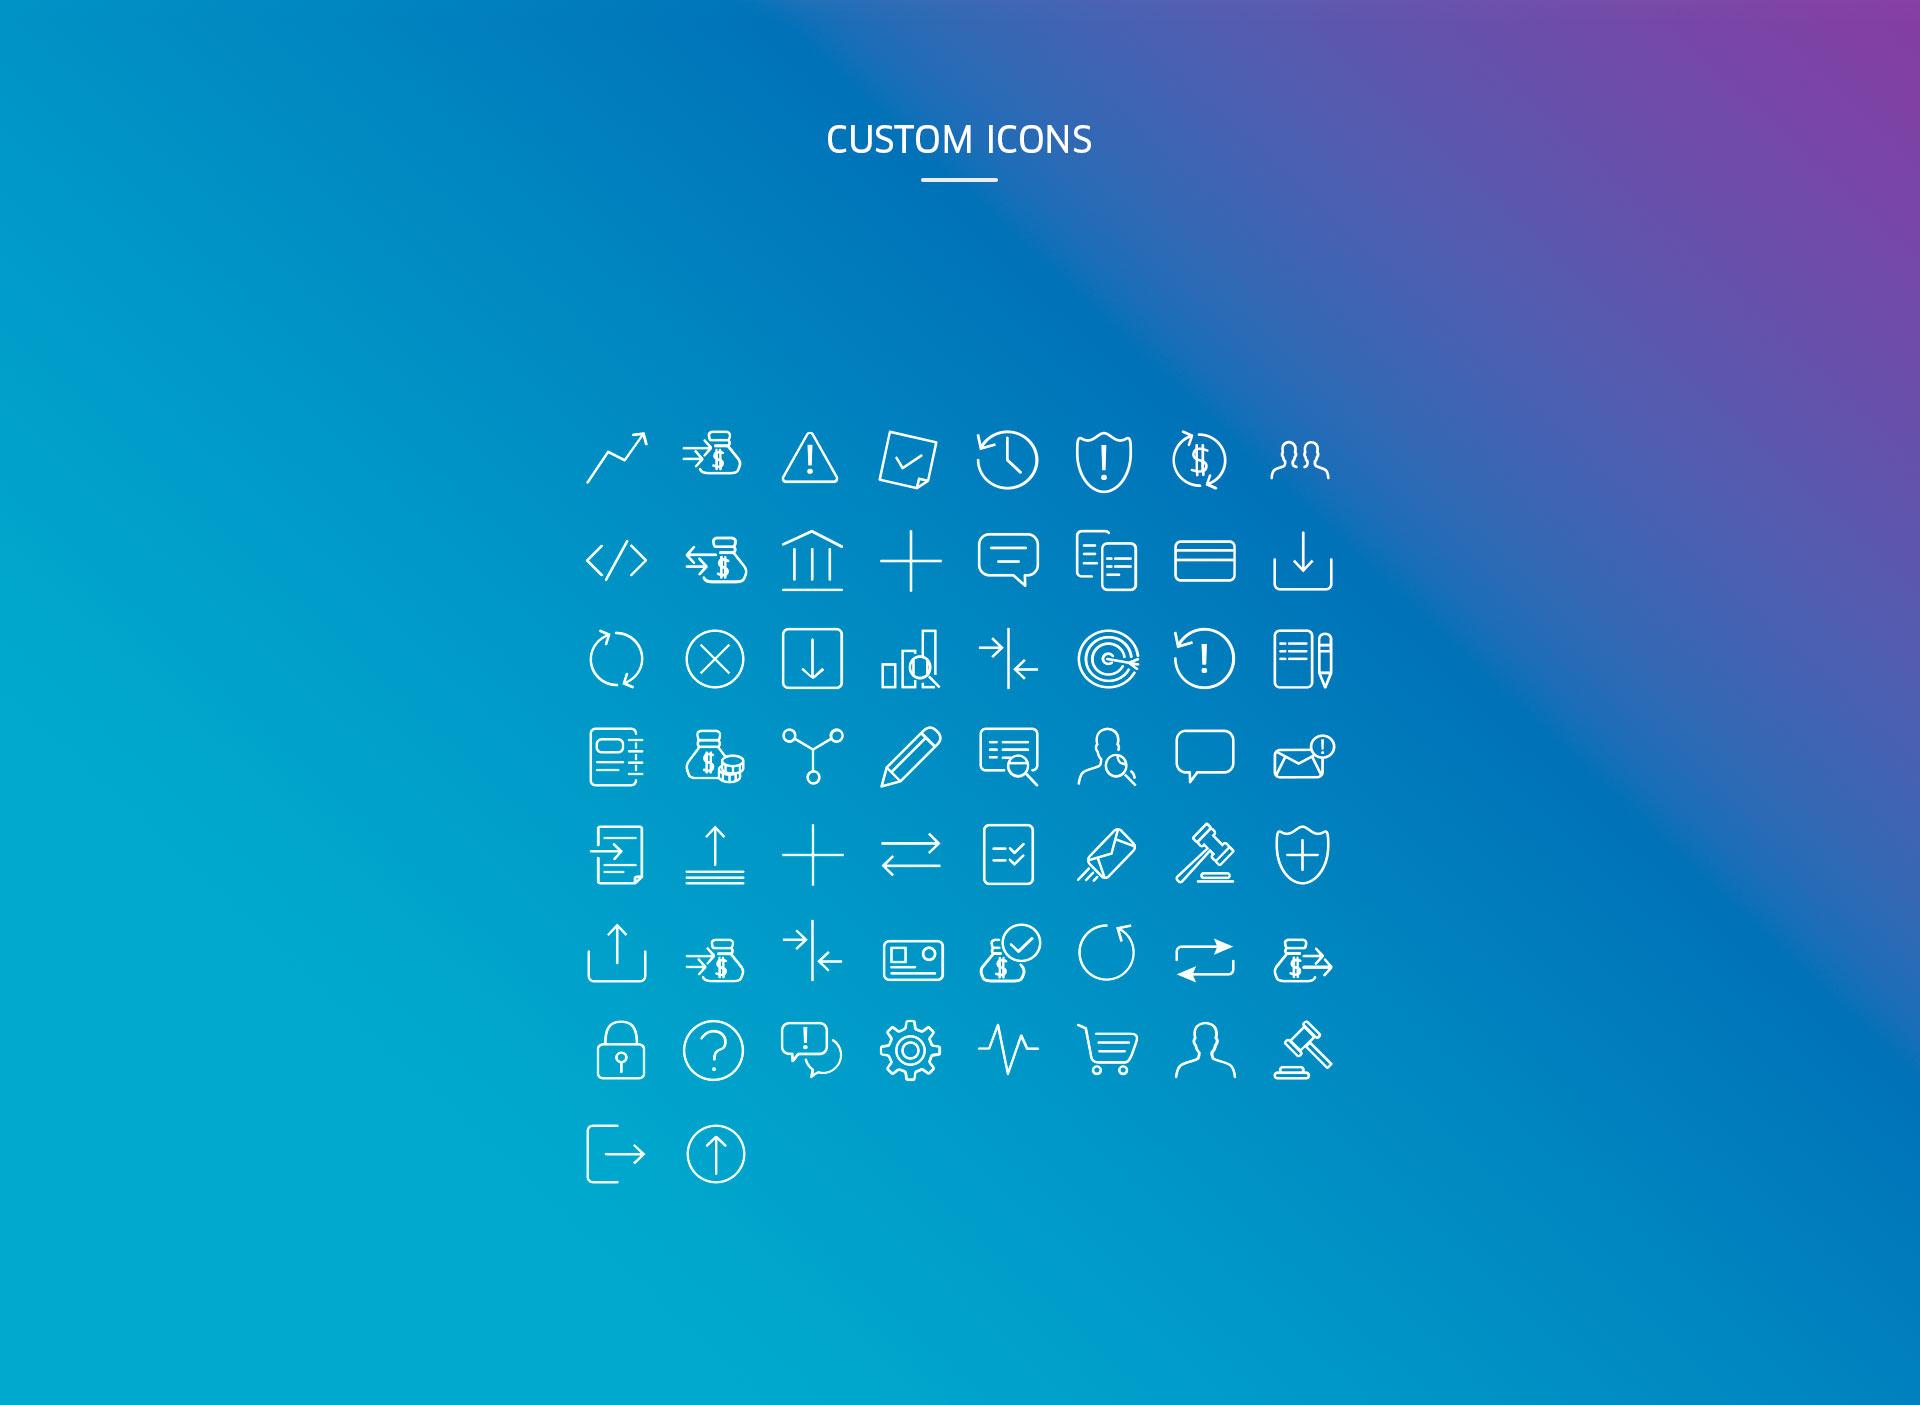 Cotipay - UI & UX for digital crypto currency payment system by COTI תכנון חוויית משתמש ועיצוב ממשק משתמש לארנק דיגיטלי קריפטו 6